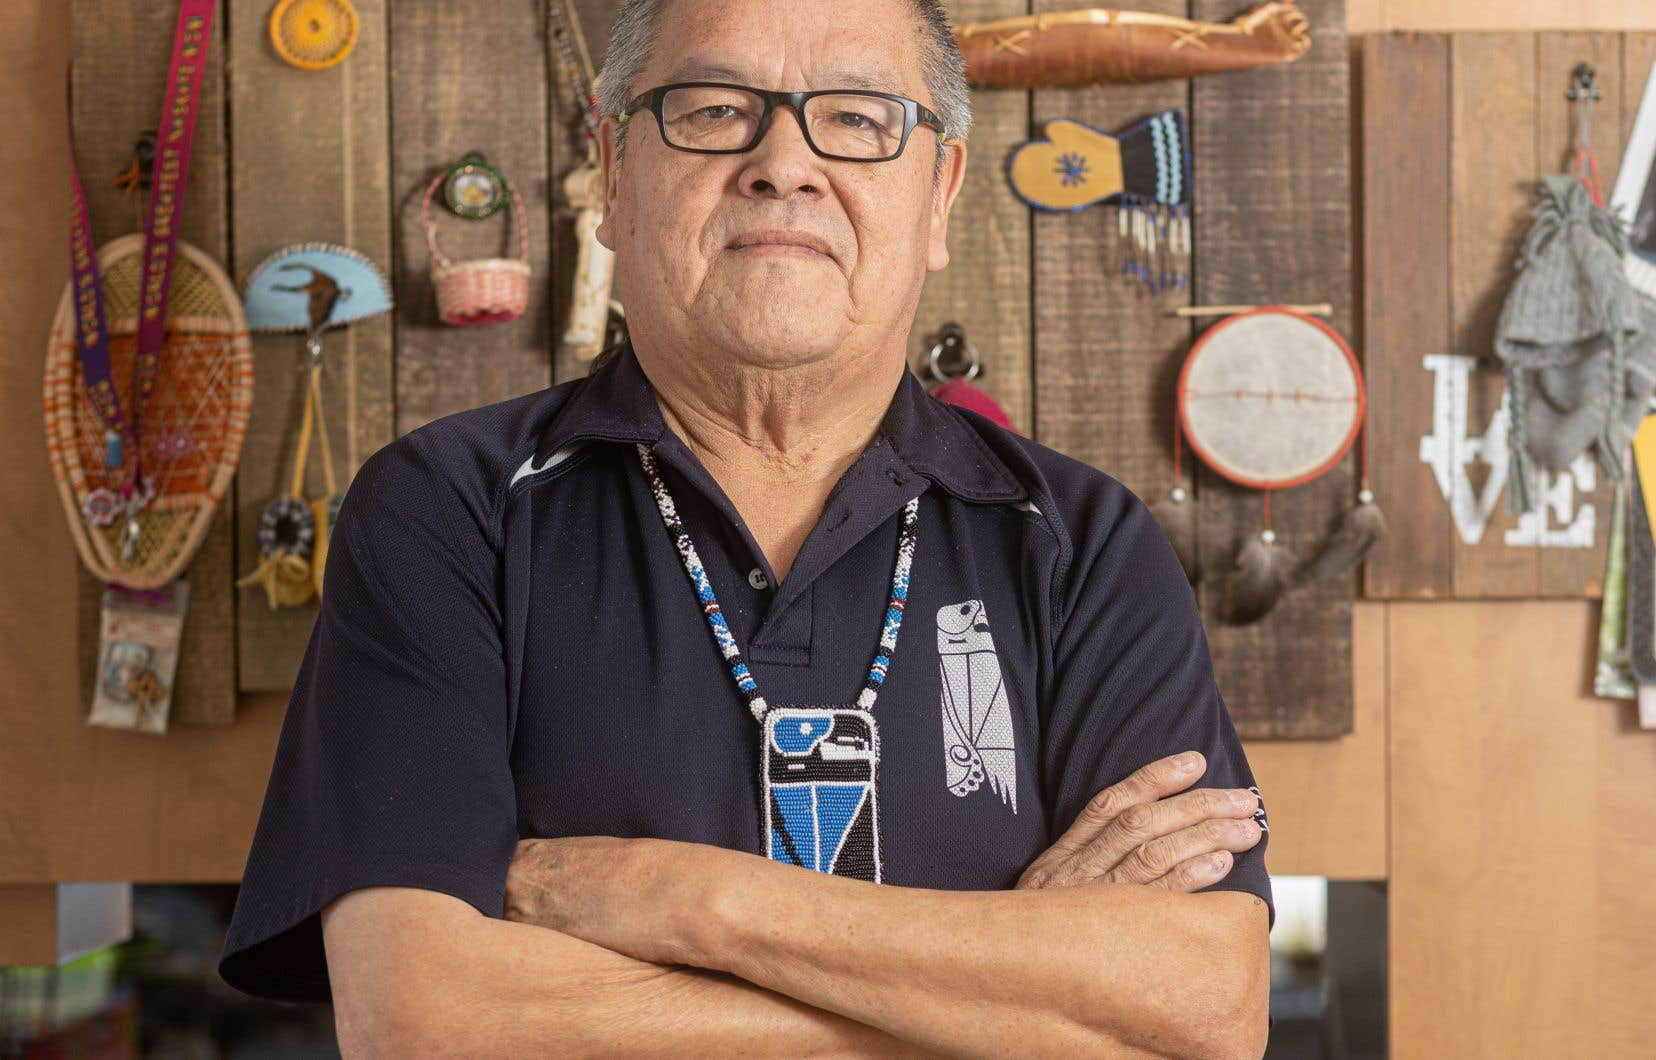 Le chef de la communauté innue d'Ekuanitshit, Jean-Charles Piétacho, en avait assez d'attendre après Québec et Ottawa. Le conseil de bande a décidé d'aller de l'avant et d'assurer le financement de son propre corps de police.